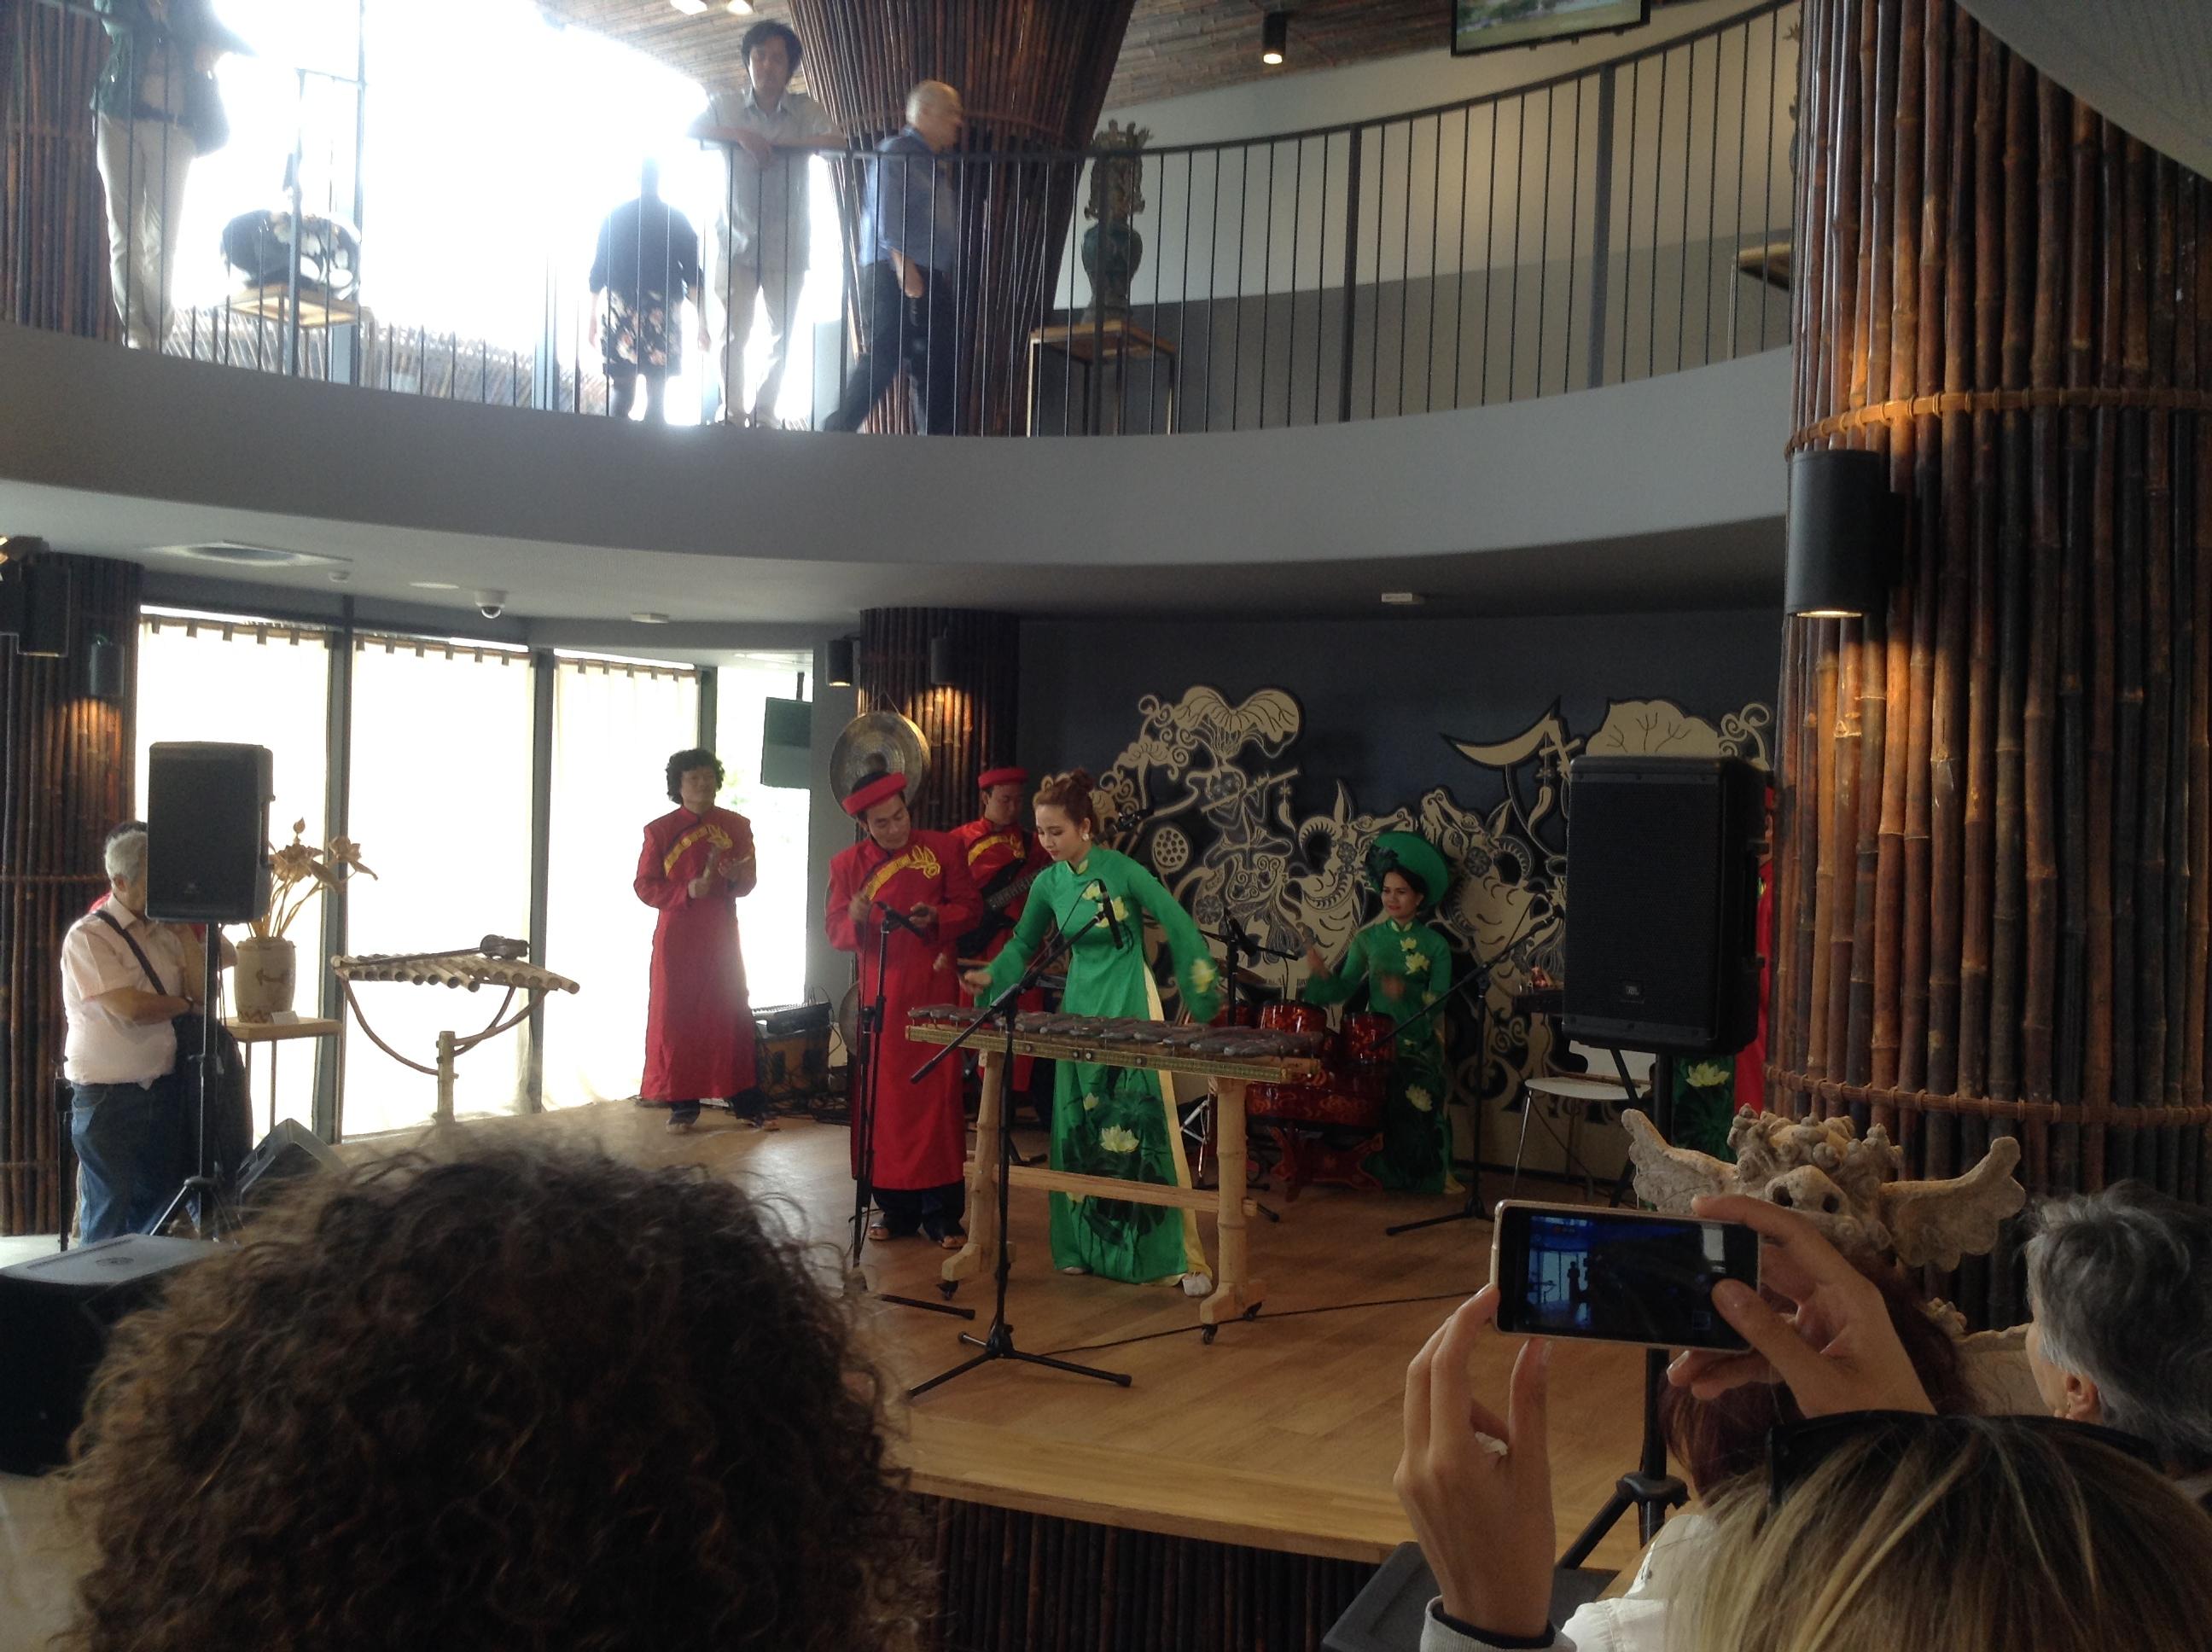 Vietnam cultural show, Expo Milano 2015, MilanKaRaja.com